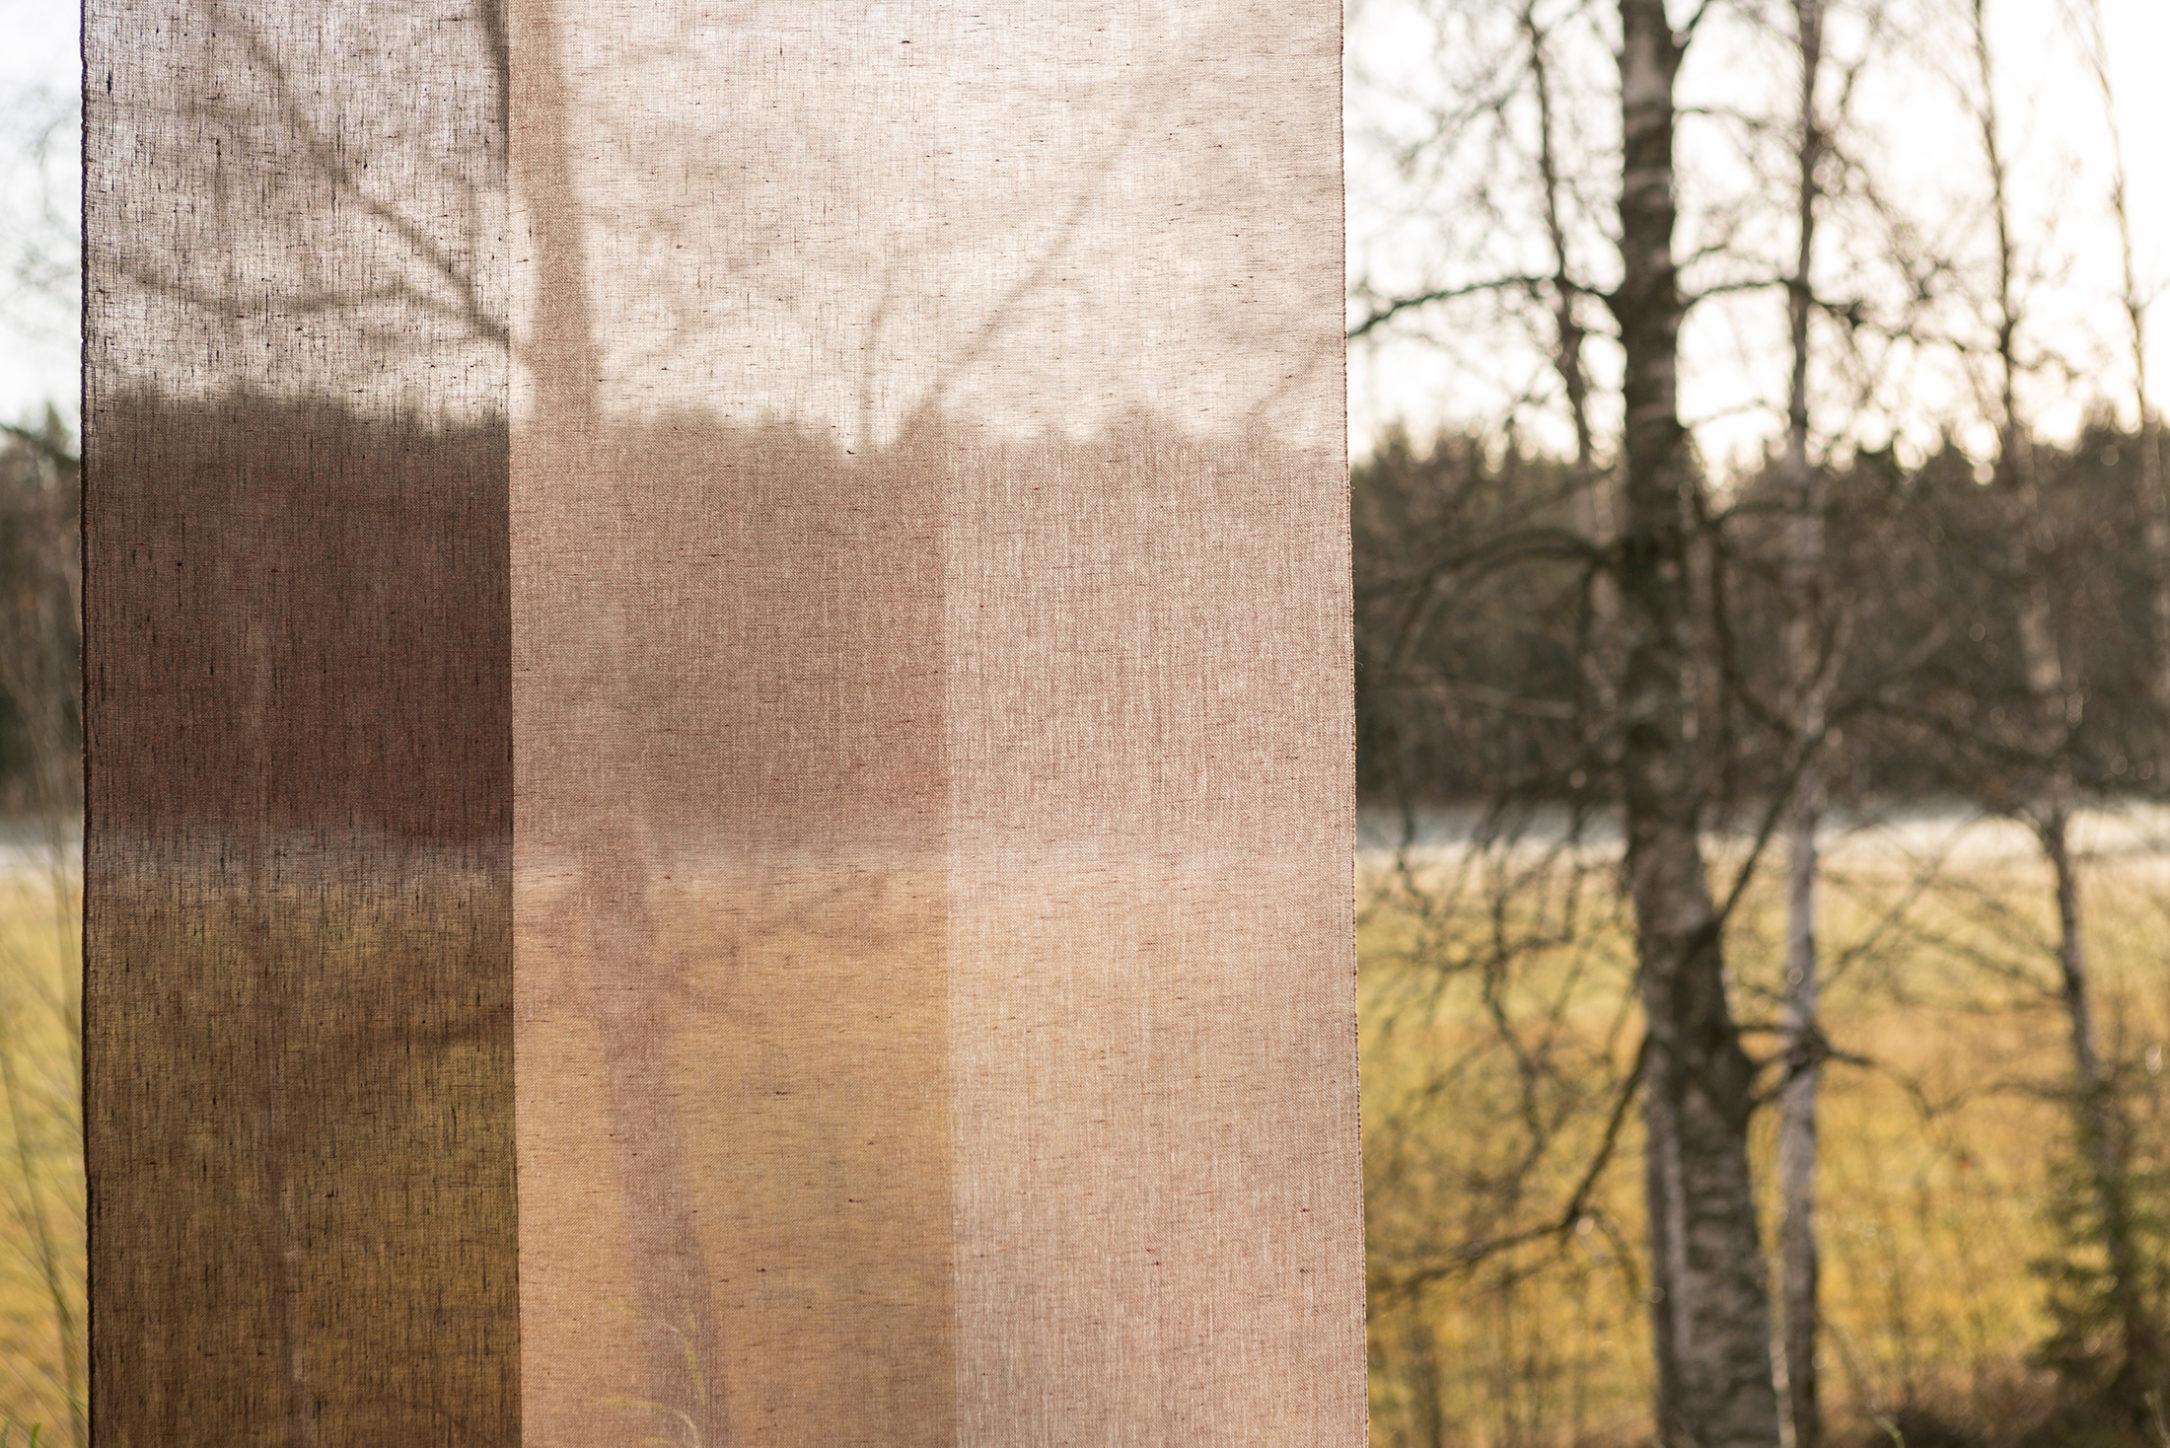 Gardin Trecolore hellinne Klässbols linneväveri Lena Bergström rostbrun